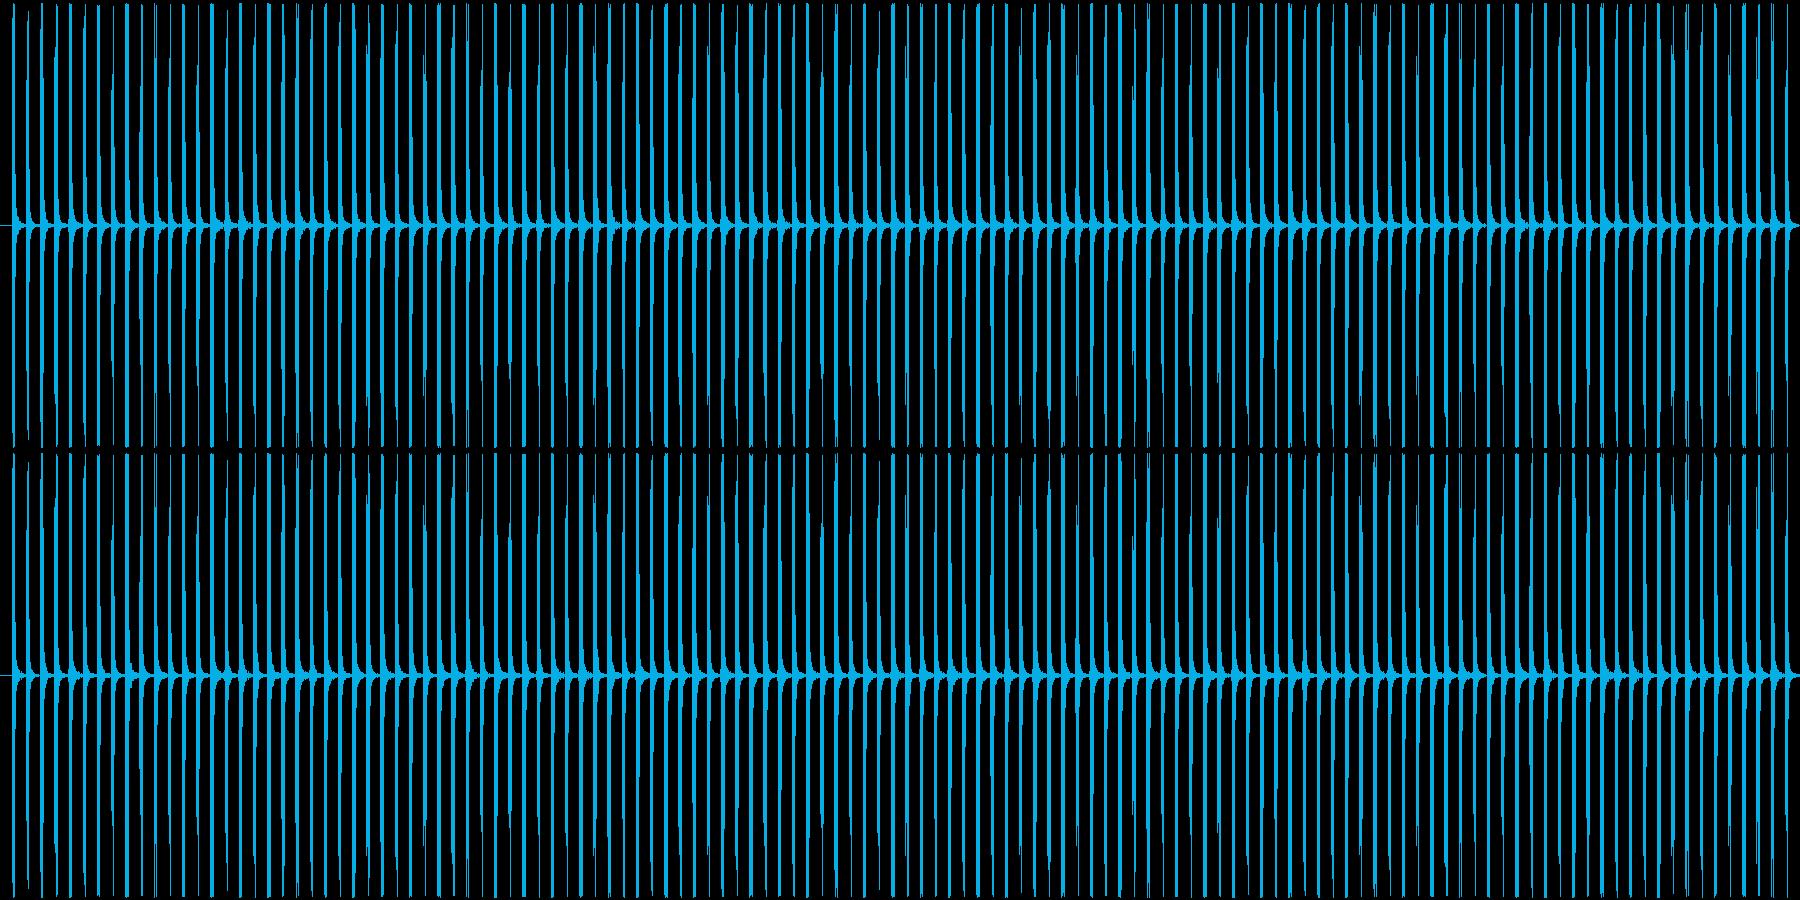 (チッチッ)ストップウォッチの秒針音Bの再生済みの波形